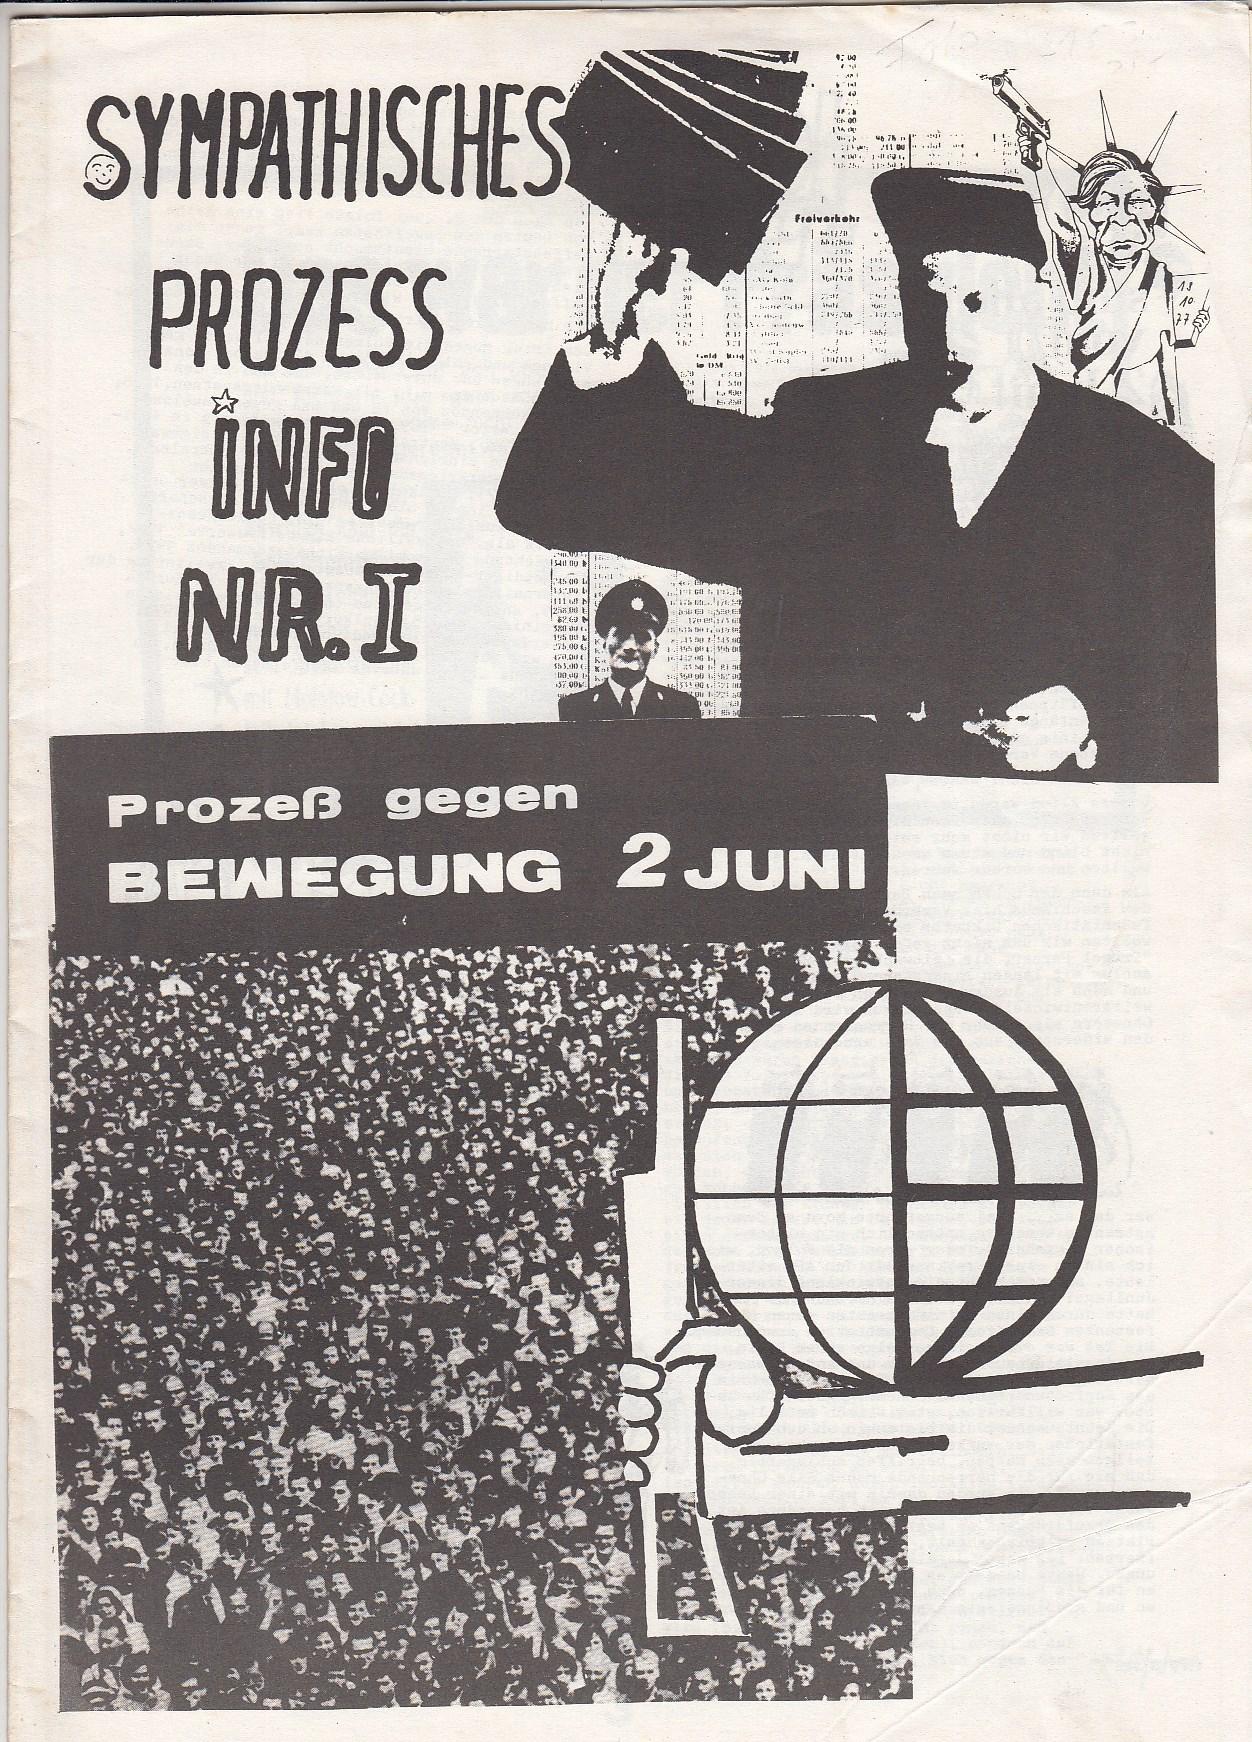 Sympathisches Prozeß-Info Nr. 1. Prozeß gegen Bewegung 2. Juni.